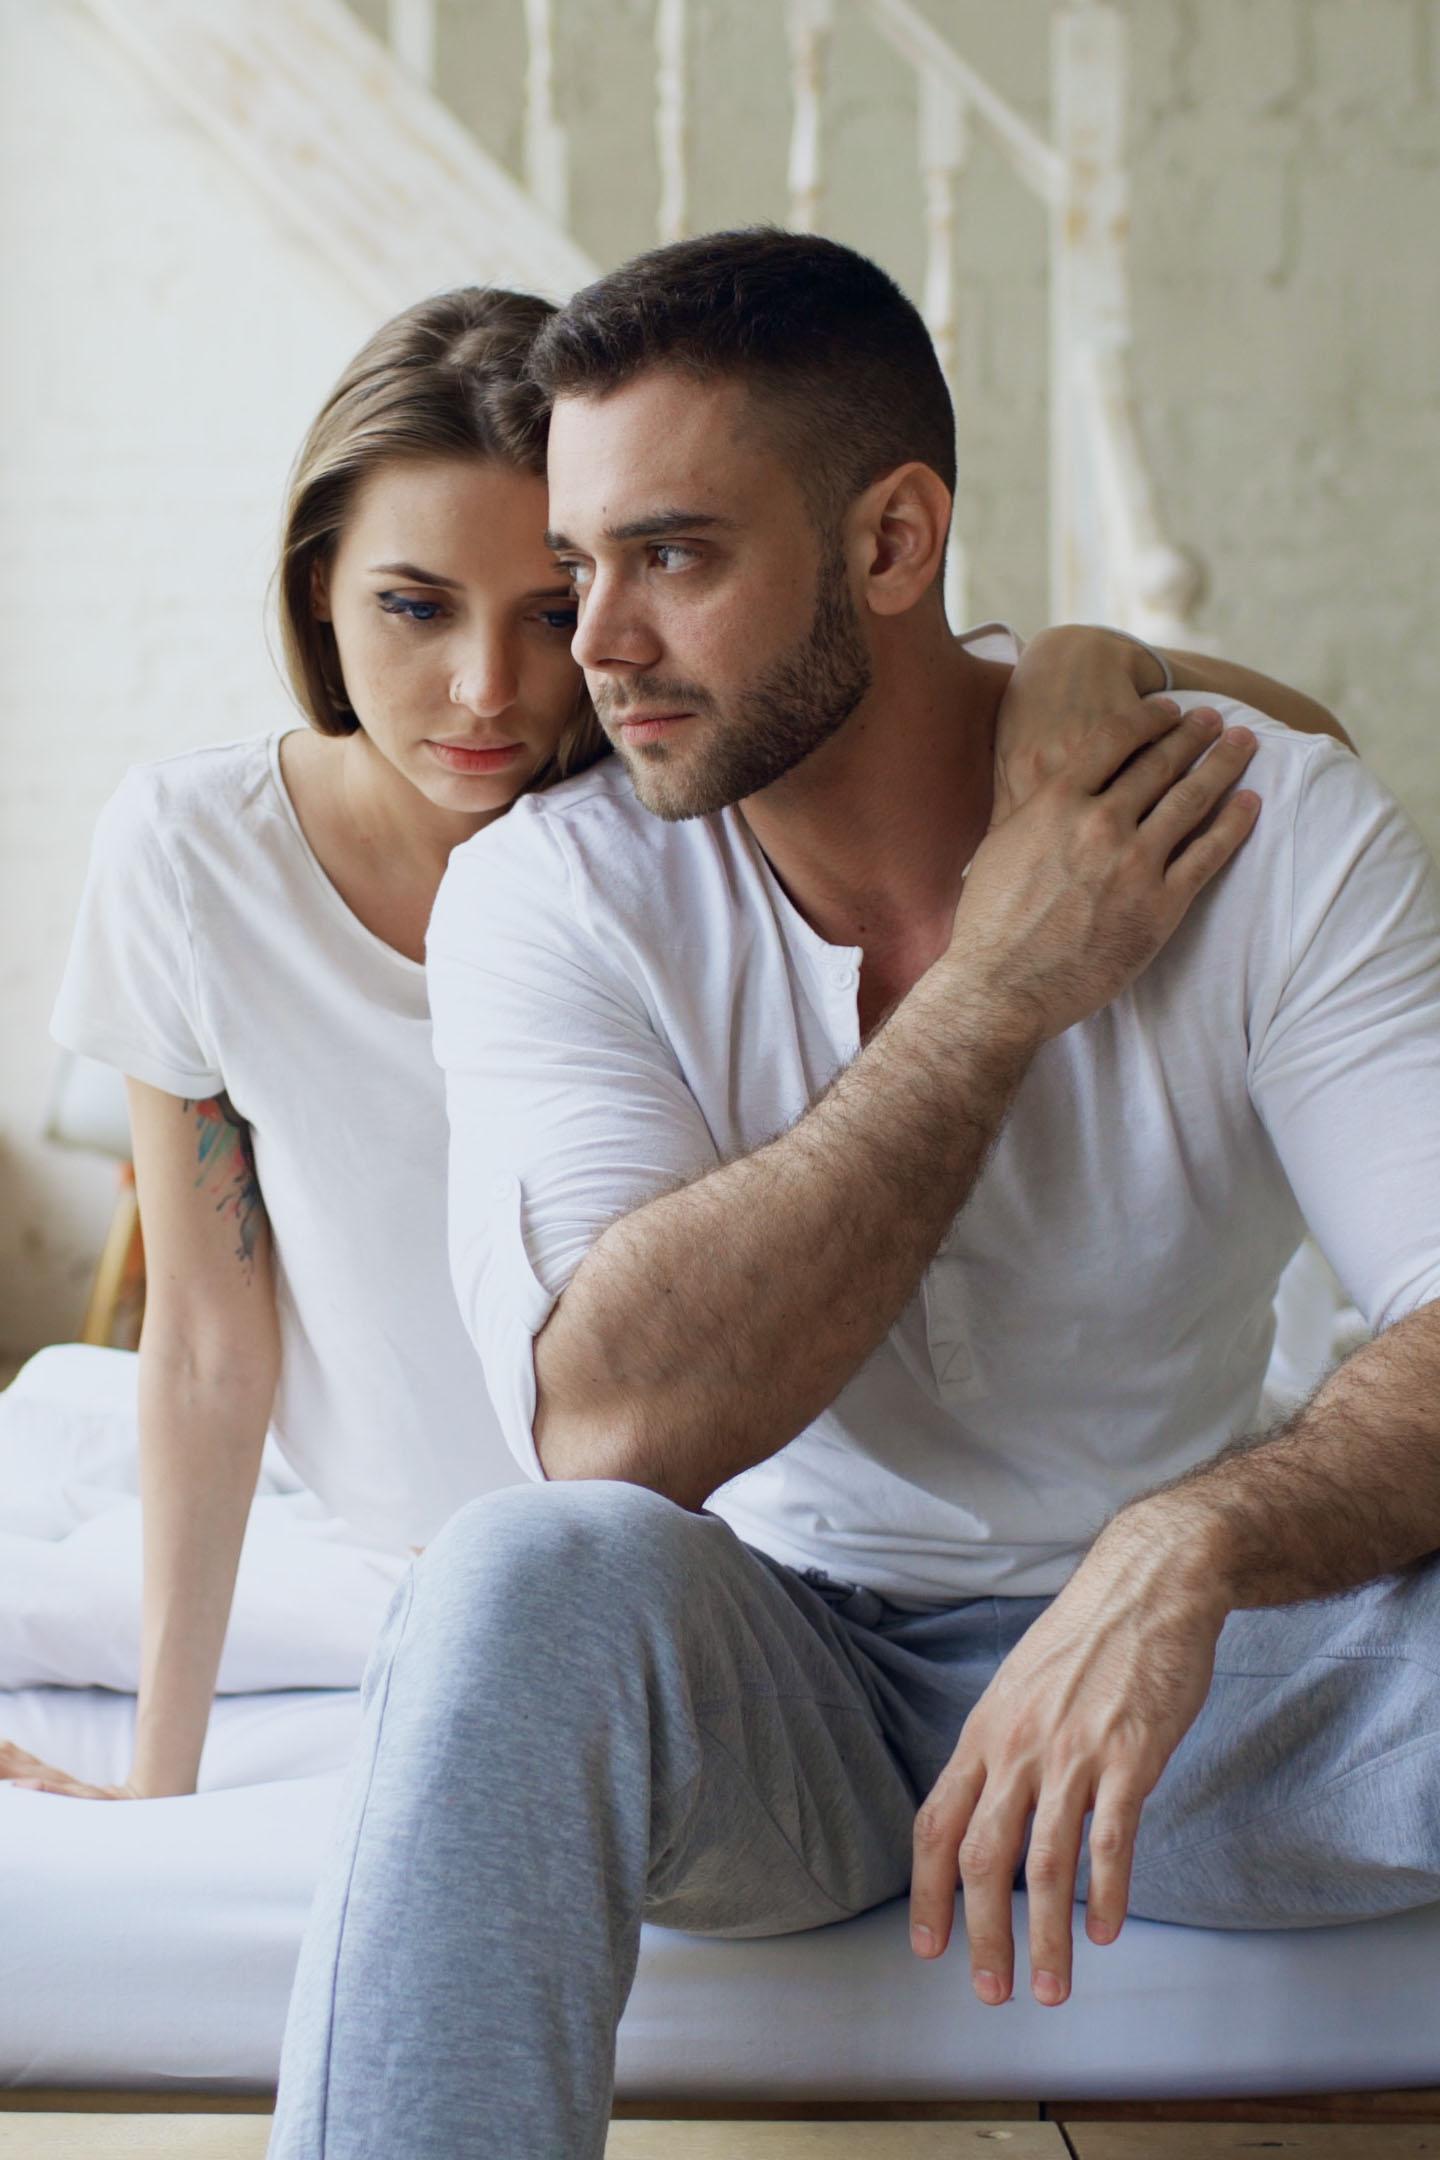 Sexueller Unlust begegnen - Viele Paare scheuen sich davor, miteinander über ihre sexuelle Lustlosigkeit zu reden.